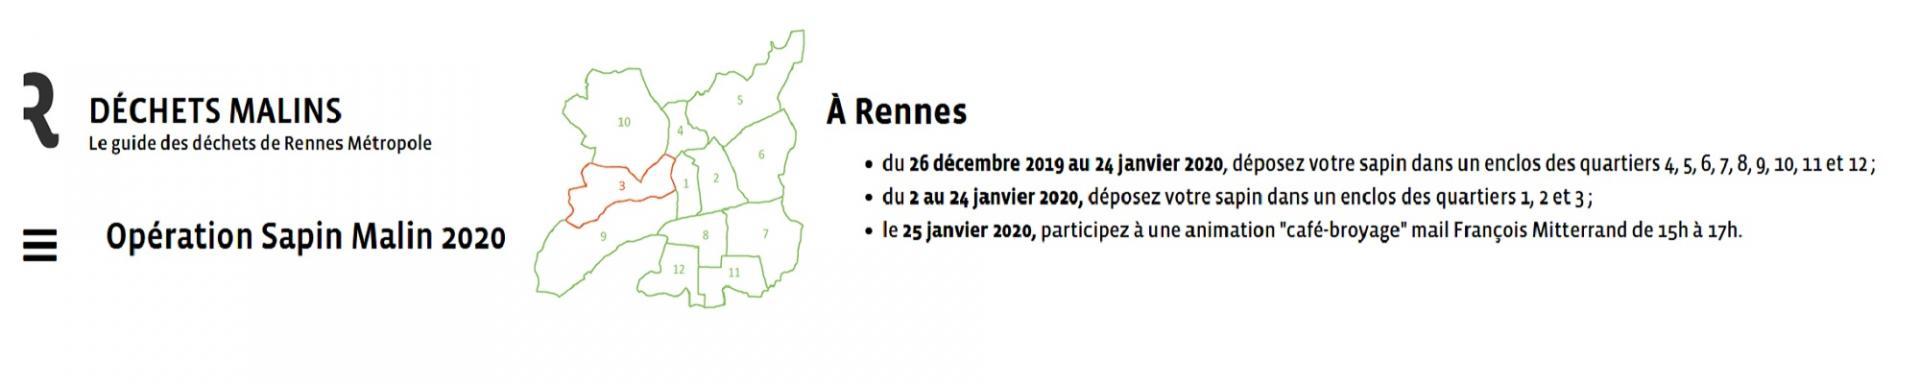 Rennes: Opération Sapins 2020